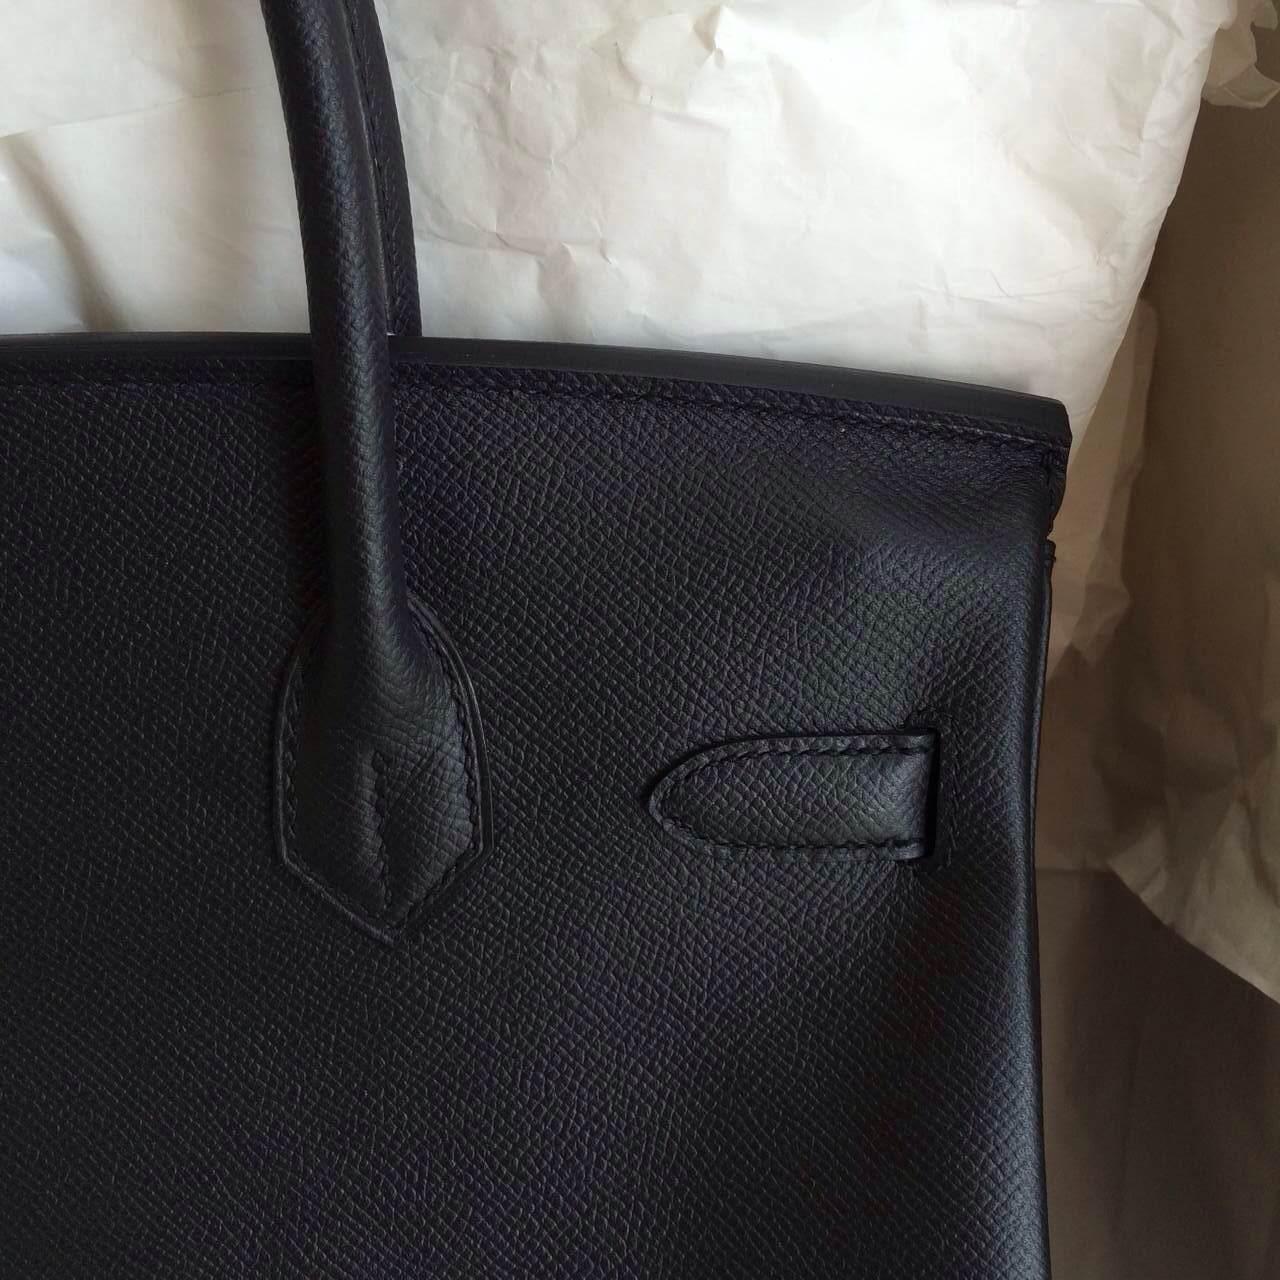 France Epsom Leather Hermes Birkin 30cm Silver/Gold Hardware Black Color